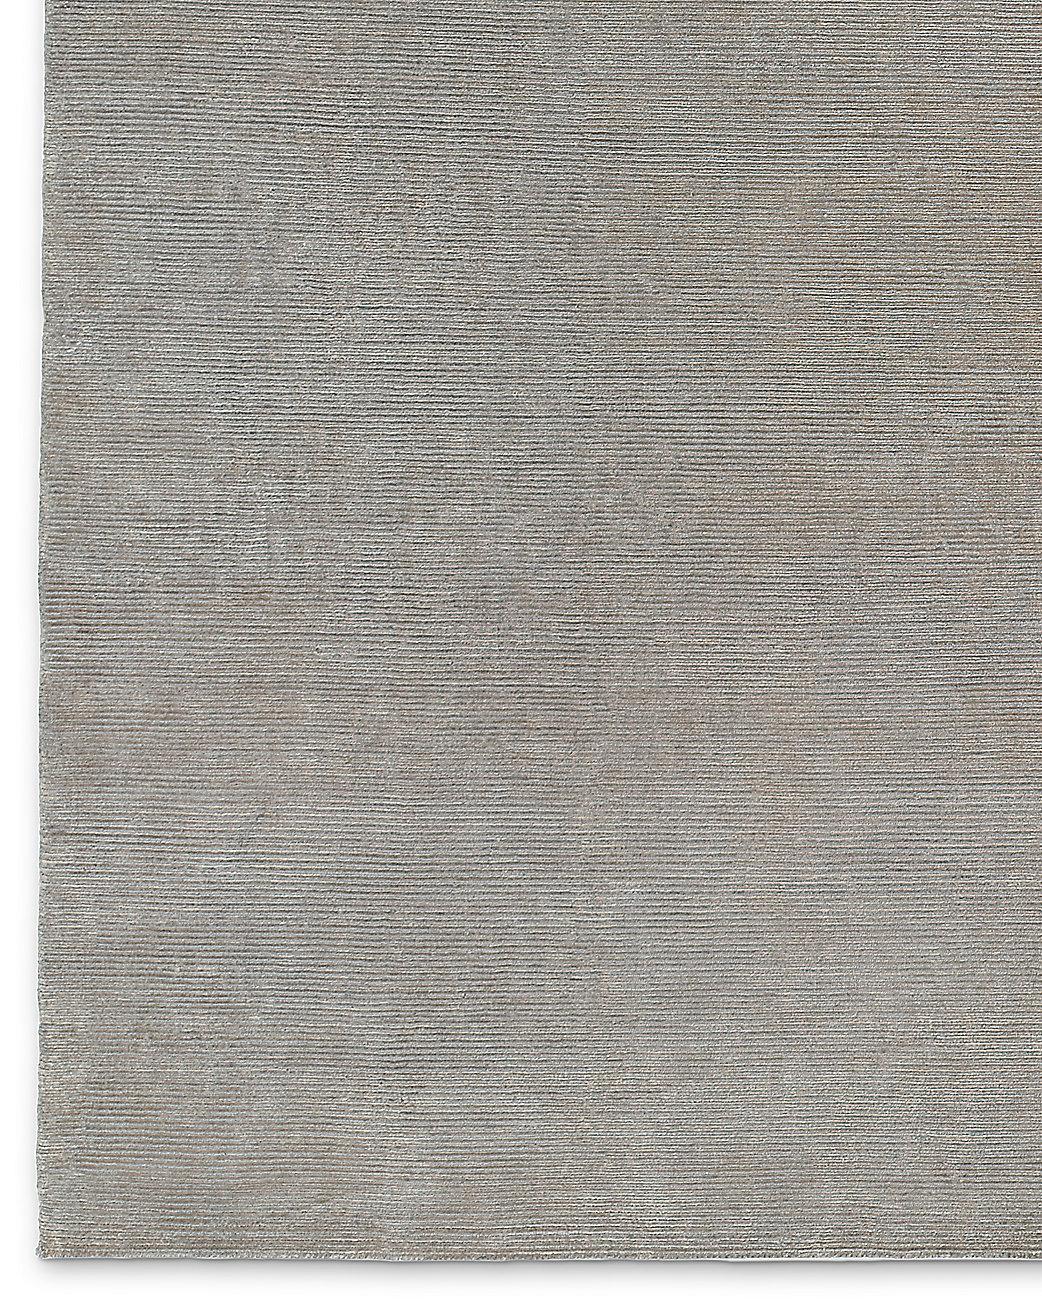 Textured Cord Rug Grey